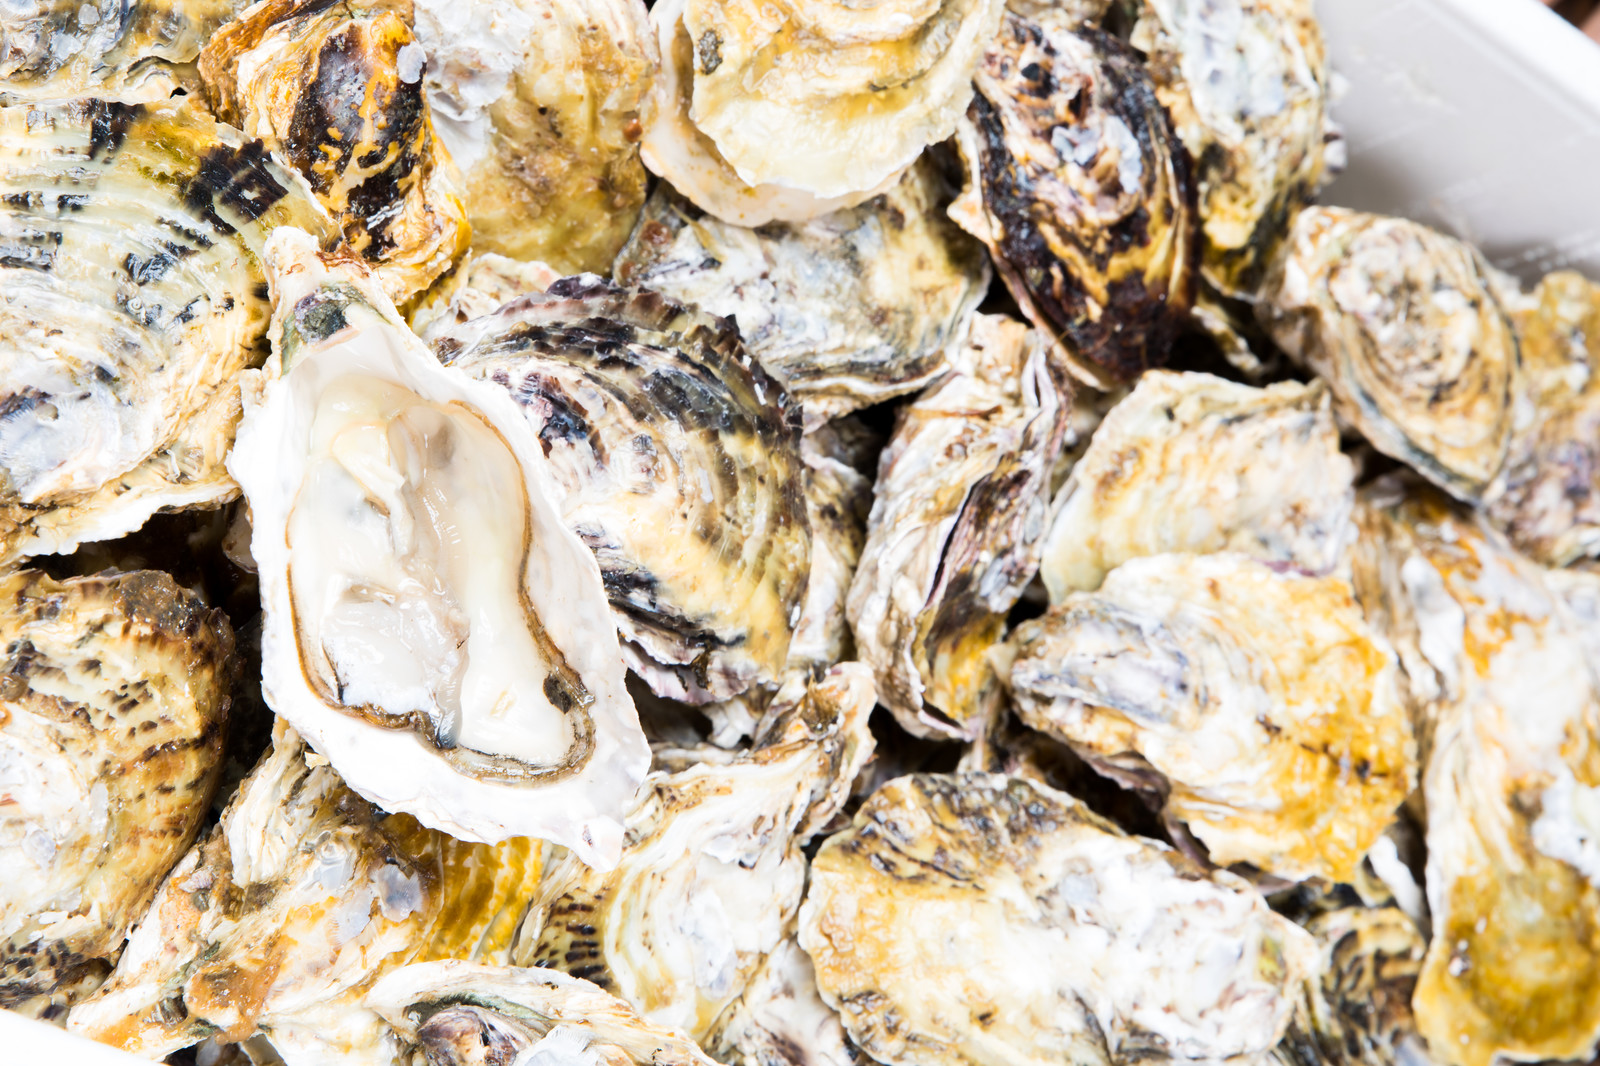 「てんこ盛りの生牡蠣(恵比須かき)てんこ盛りの生牡蠣(恵比須かき)」のフリー写真素材を拡大